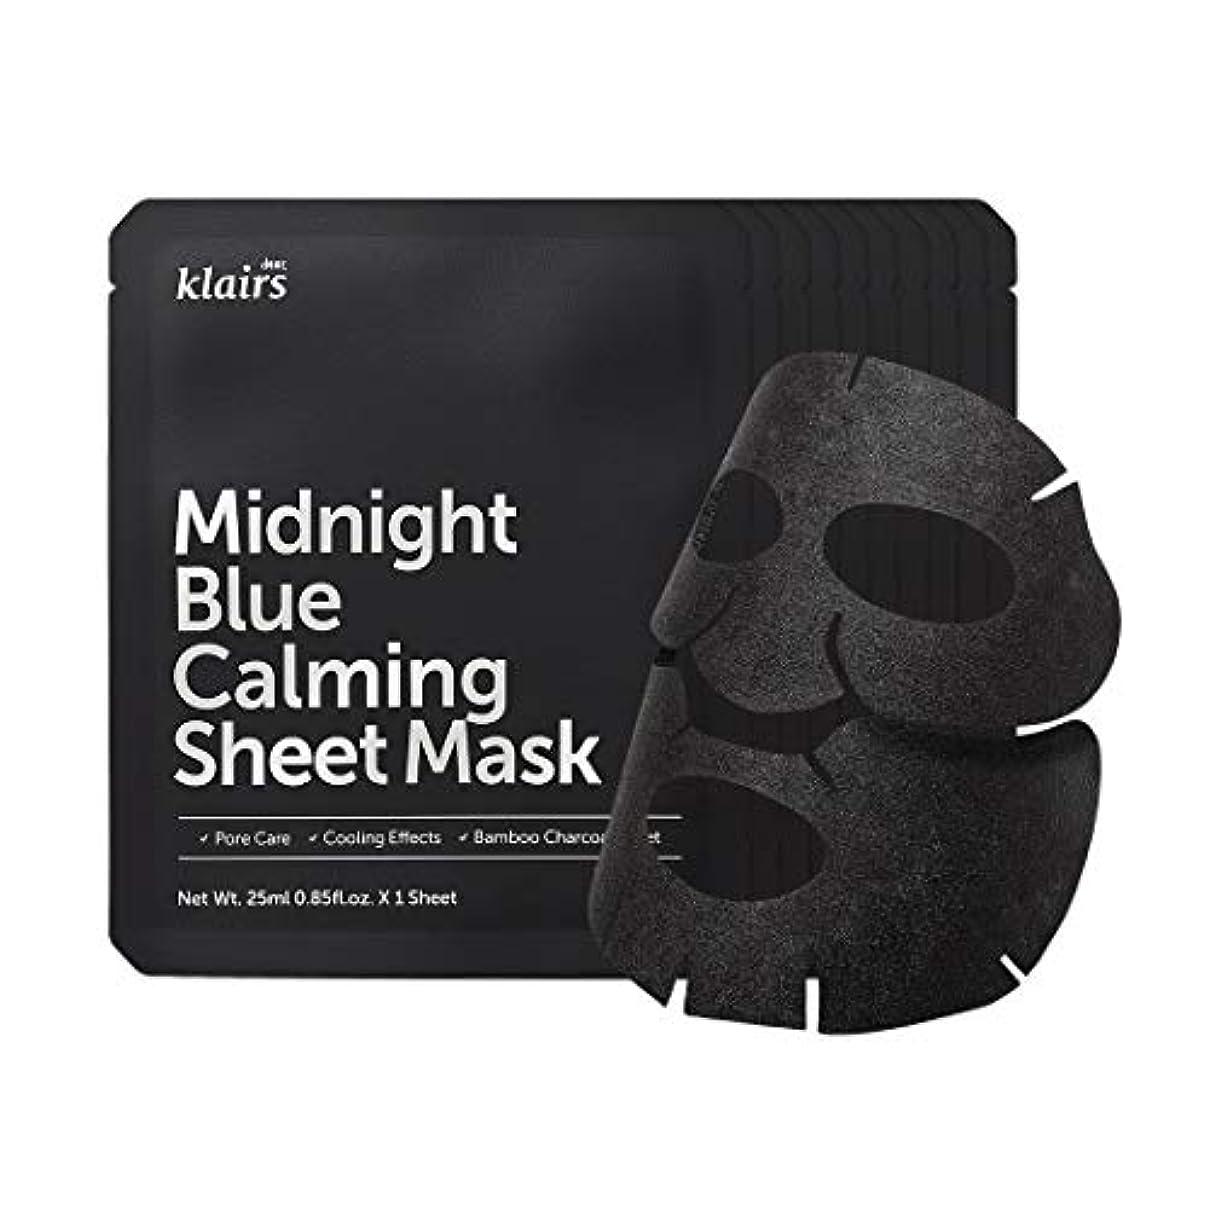 しつけ思春期の差し控えるクレアスミッドナイトブルーカーミングクリーム25mlX10枚セット (Klairs Midnight Blue Calming Sheet Mask 25mlX10ea) [並行輸入品]